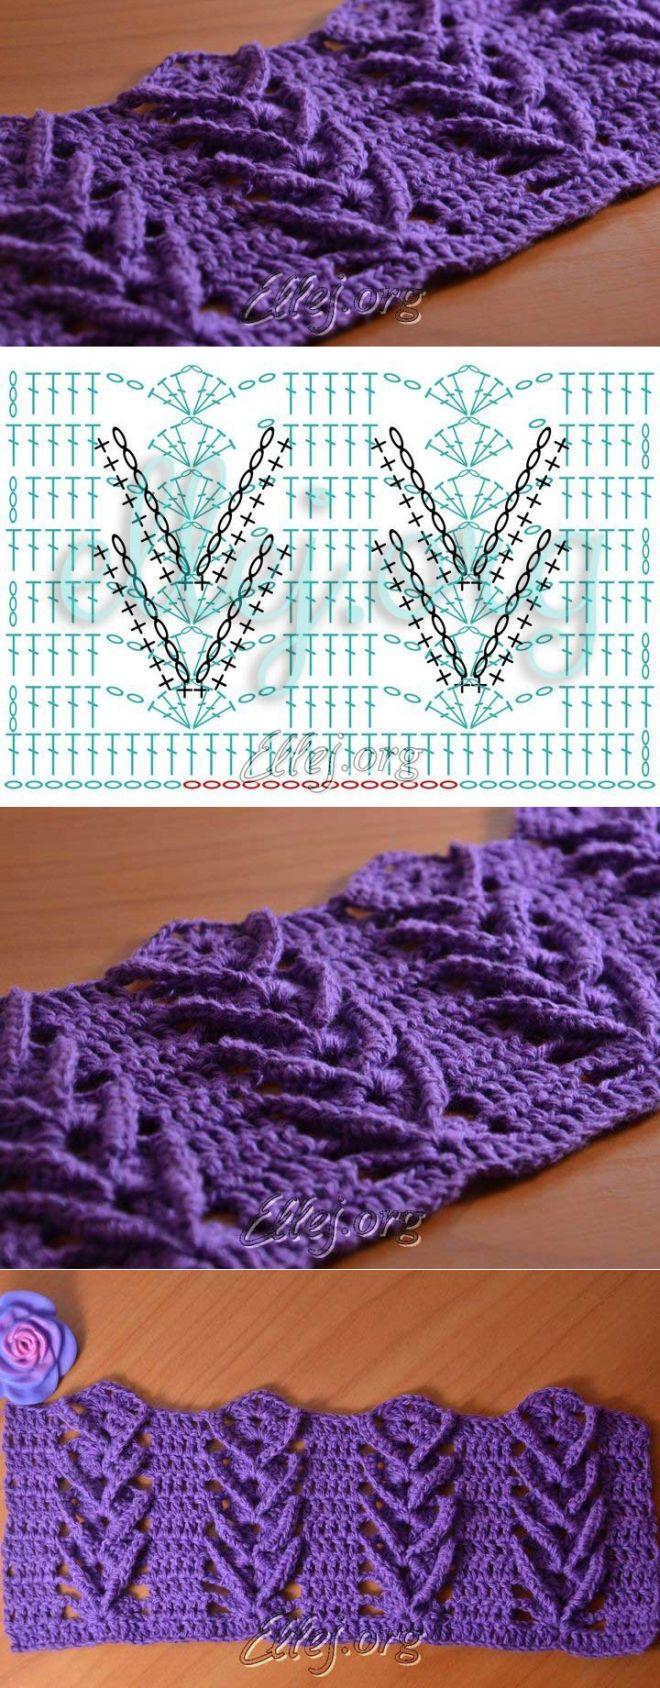 Delphinium patrón | Crochet por Ellej | Ganchillo de Elena Kozhukhar